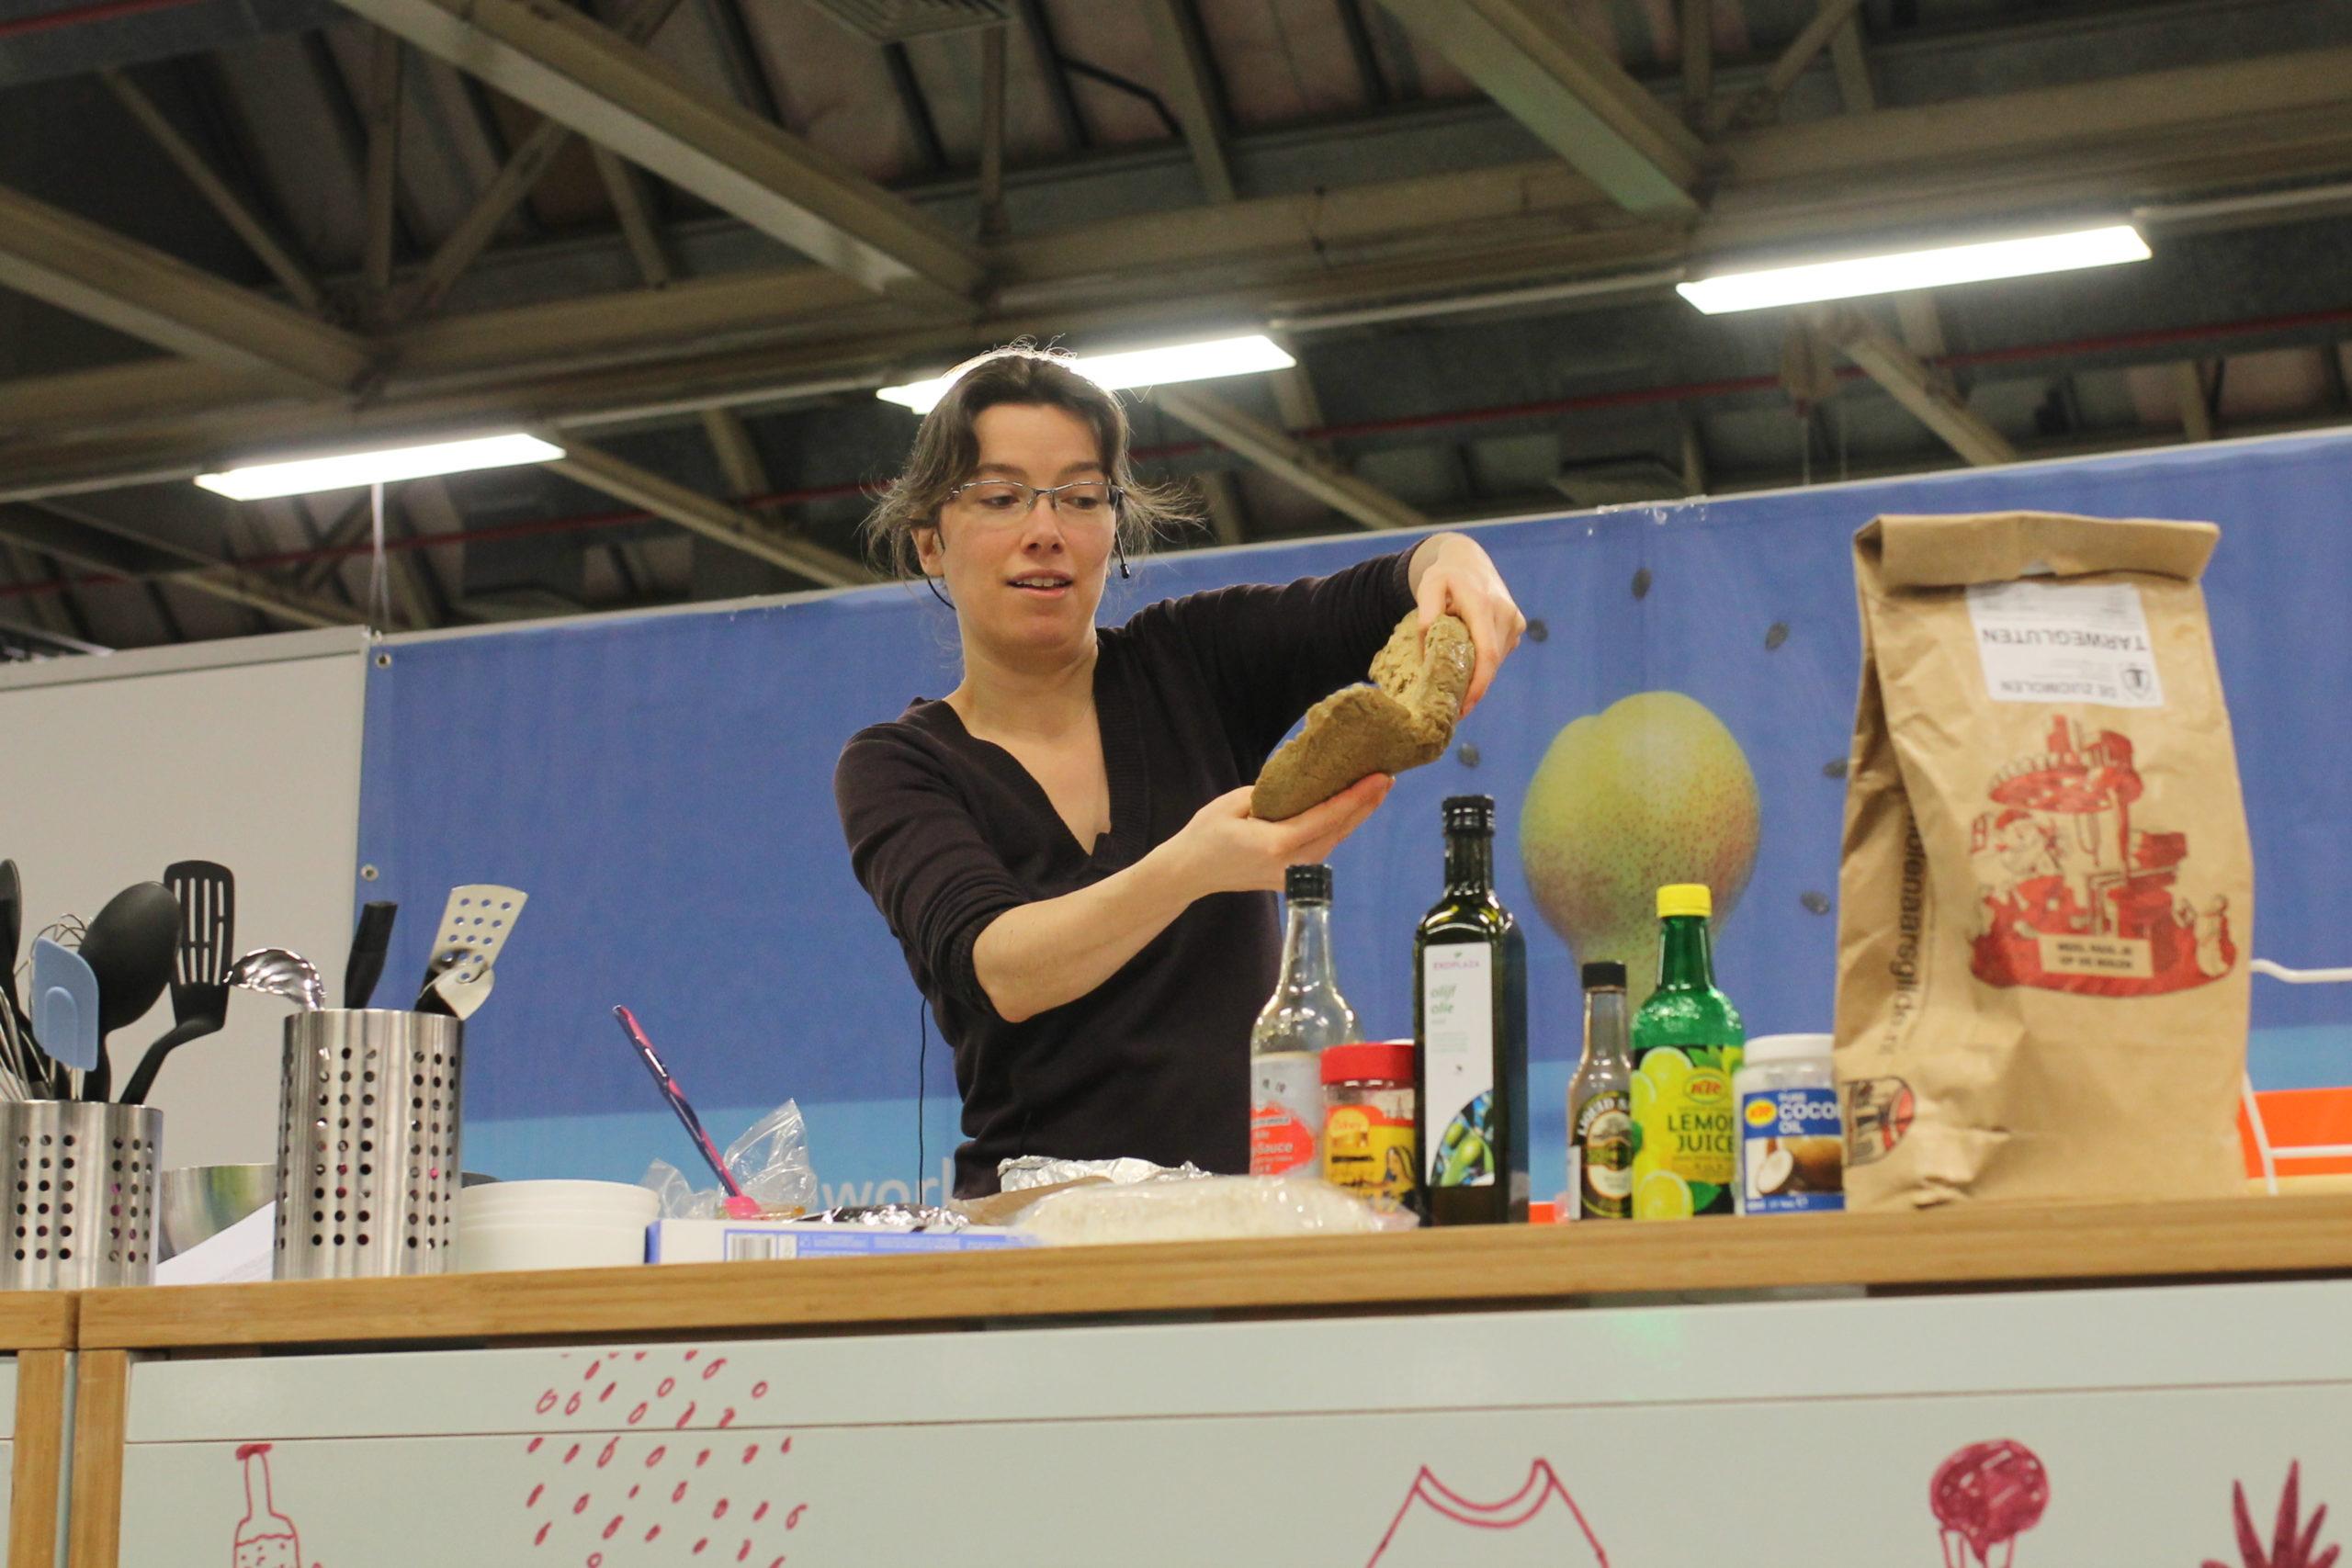 Vegan kookdemo seitan Martine van Haperen (foto credit Dung Truong)